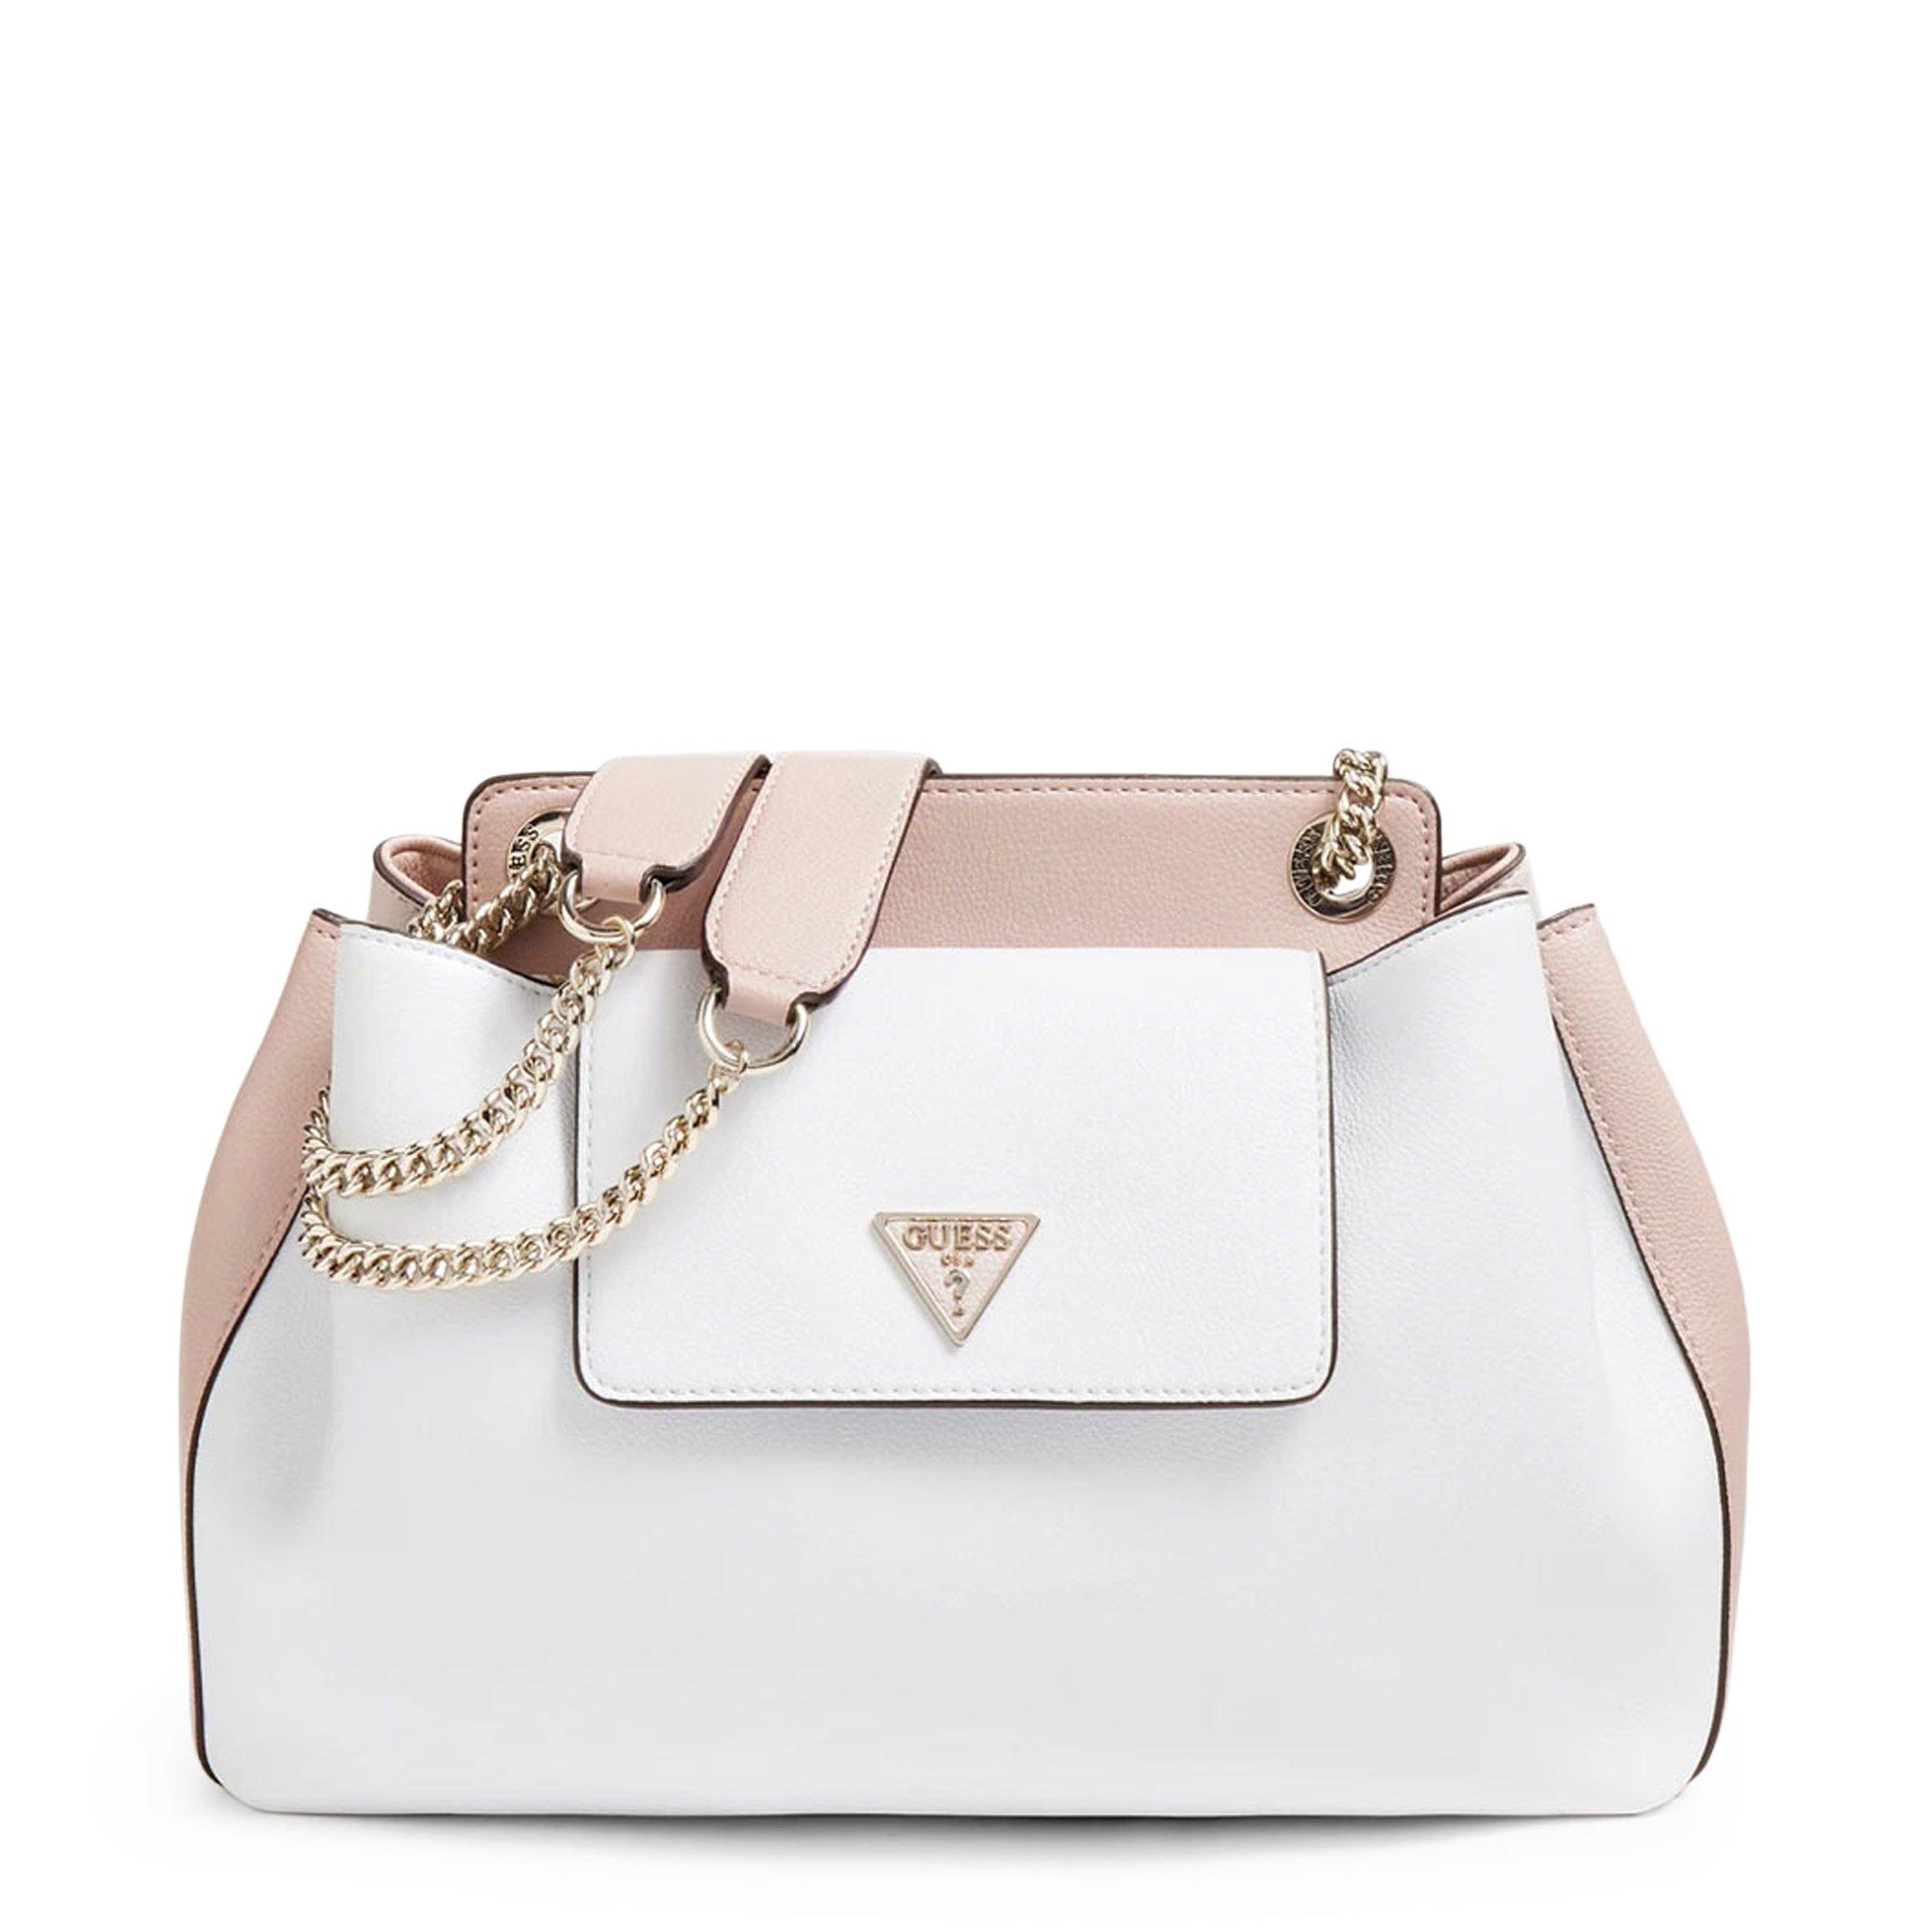 Guess Women's Shoulder Bag Various Colours Sandrine_HWVG79_65090 - white NOSIZE